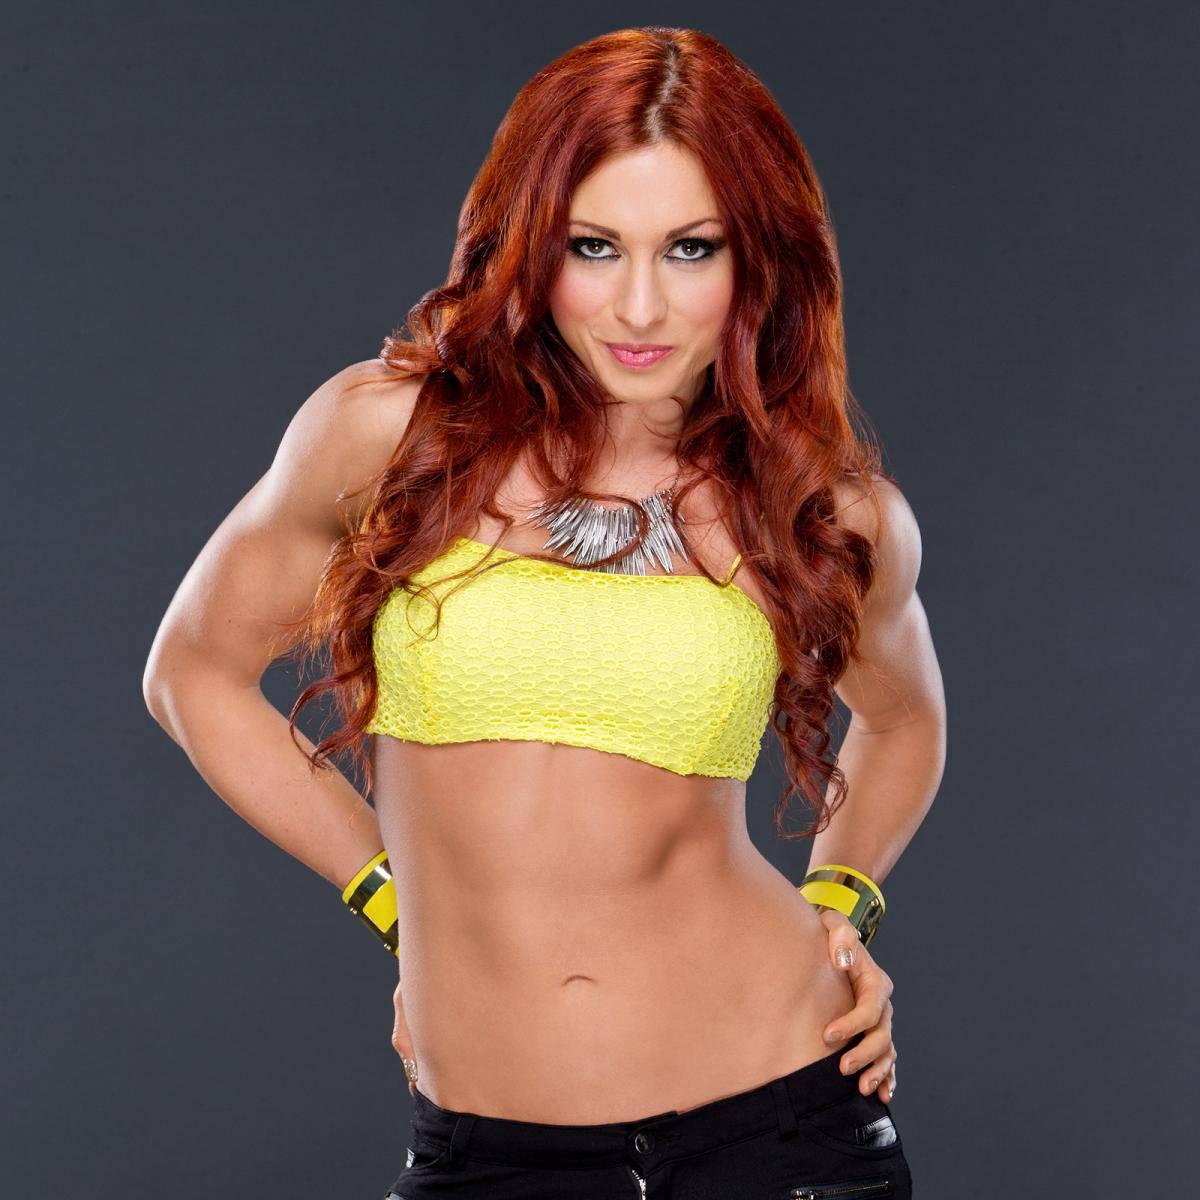 Becky-Lynch-NXT-Yellow-Top